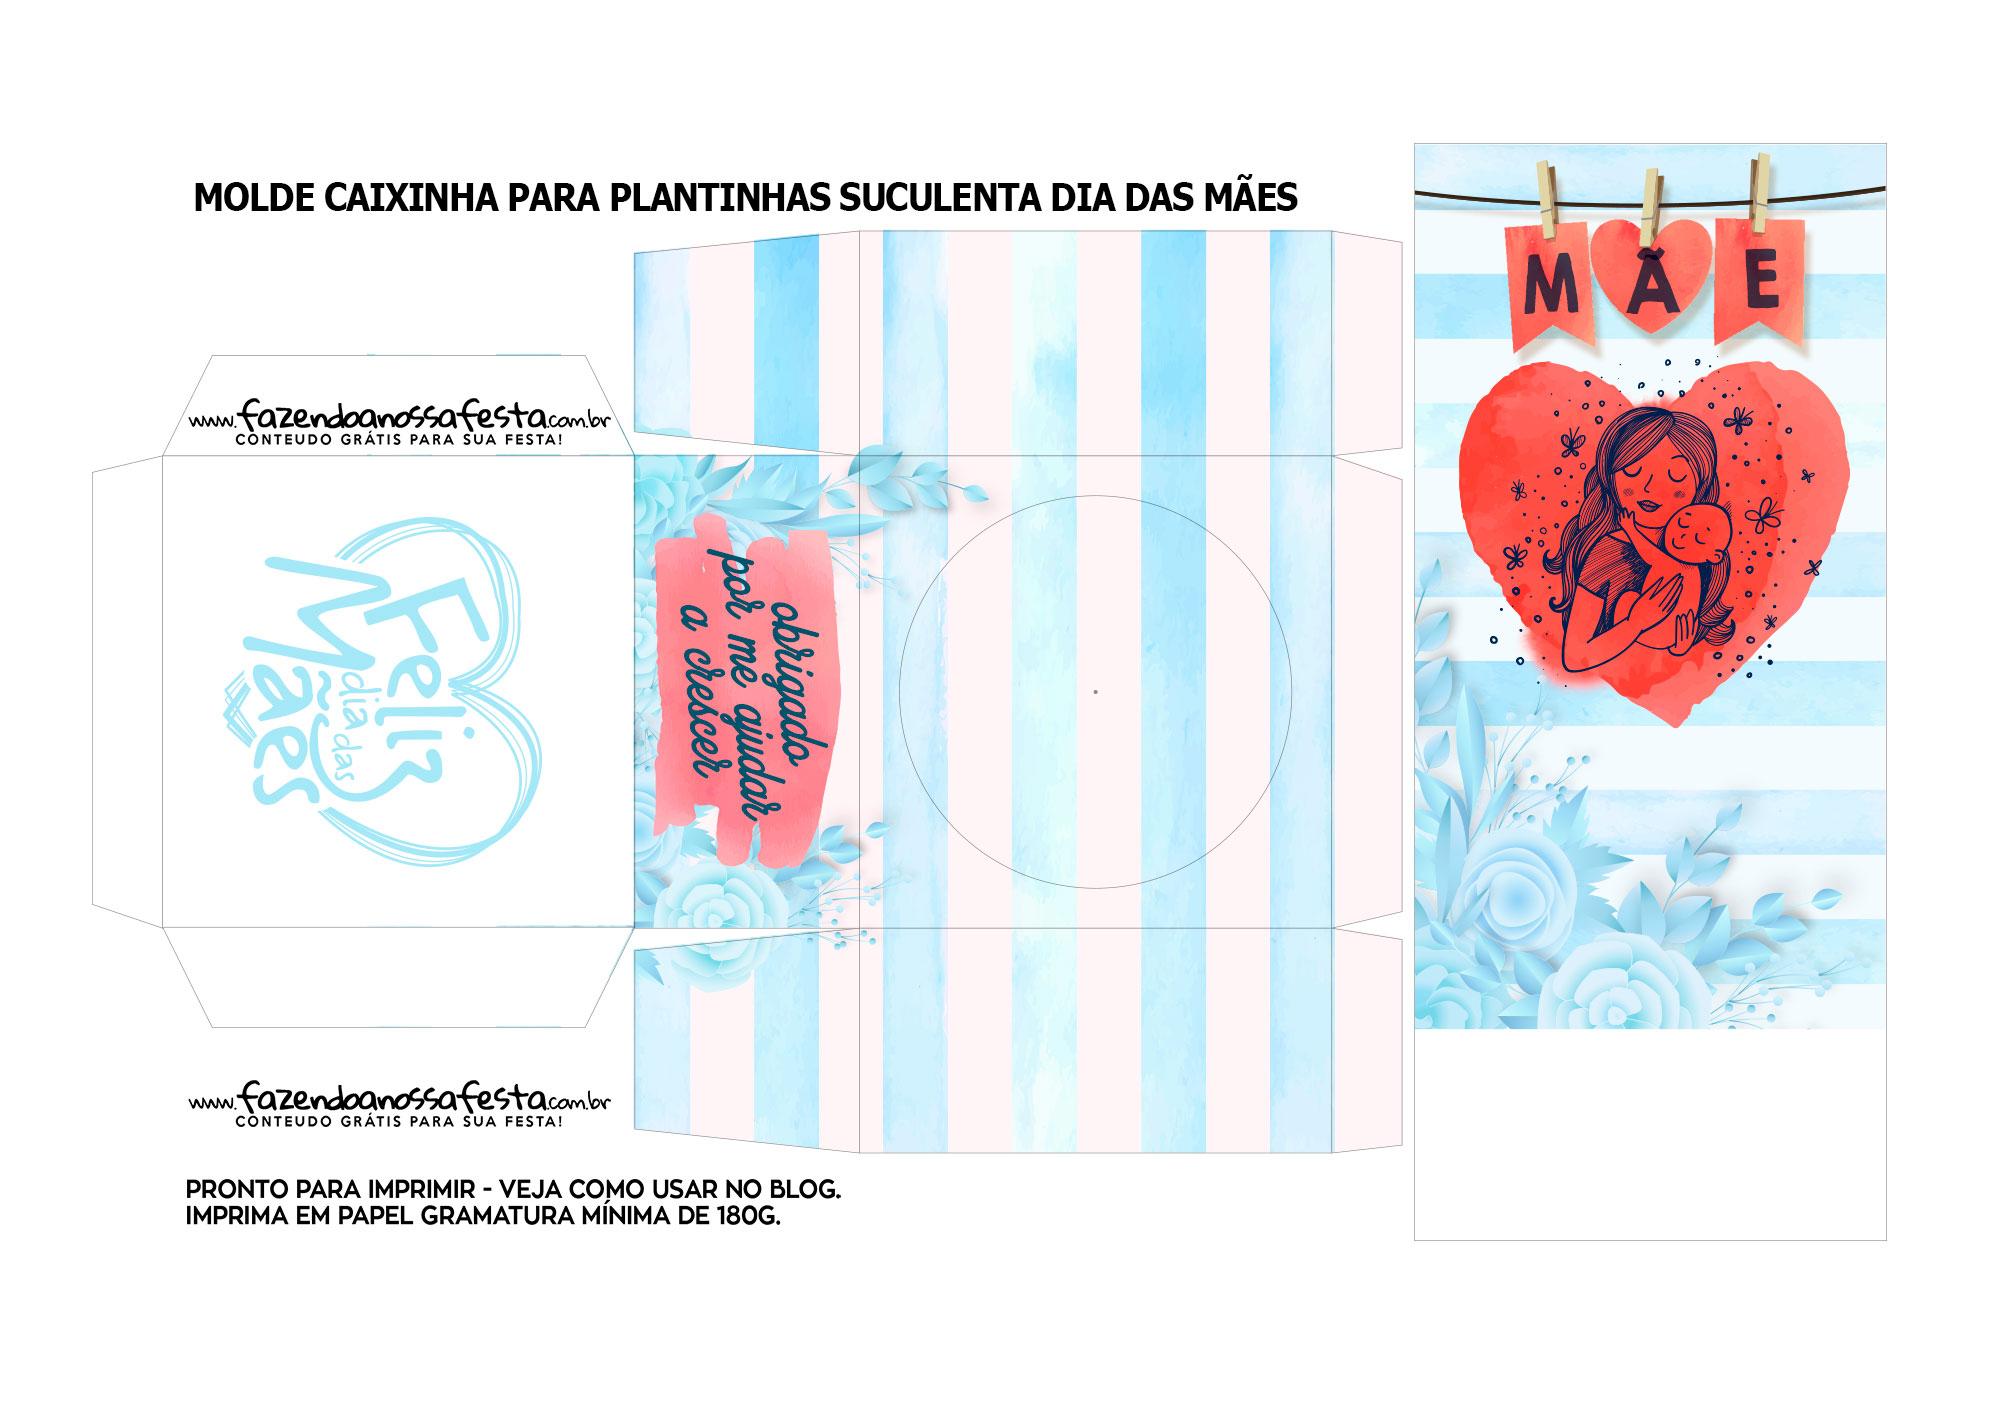 Molde caixinhas de suculentas para imprimir mae rosas